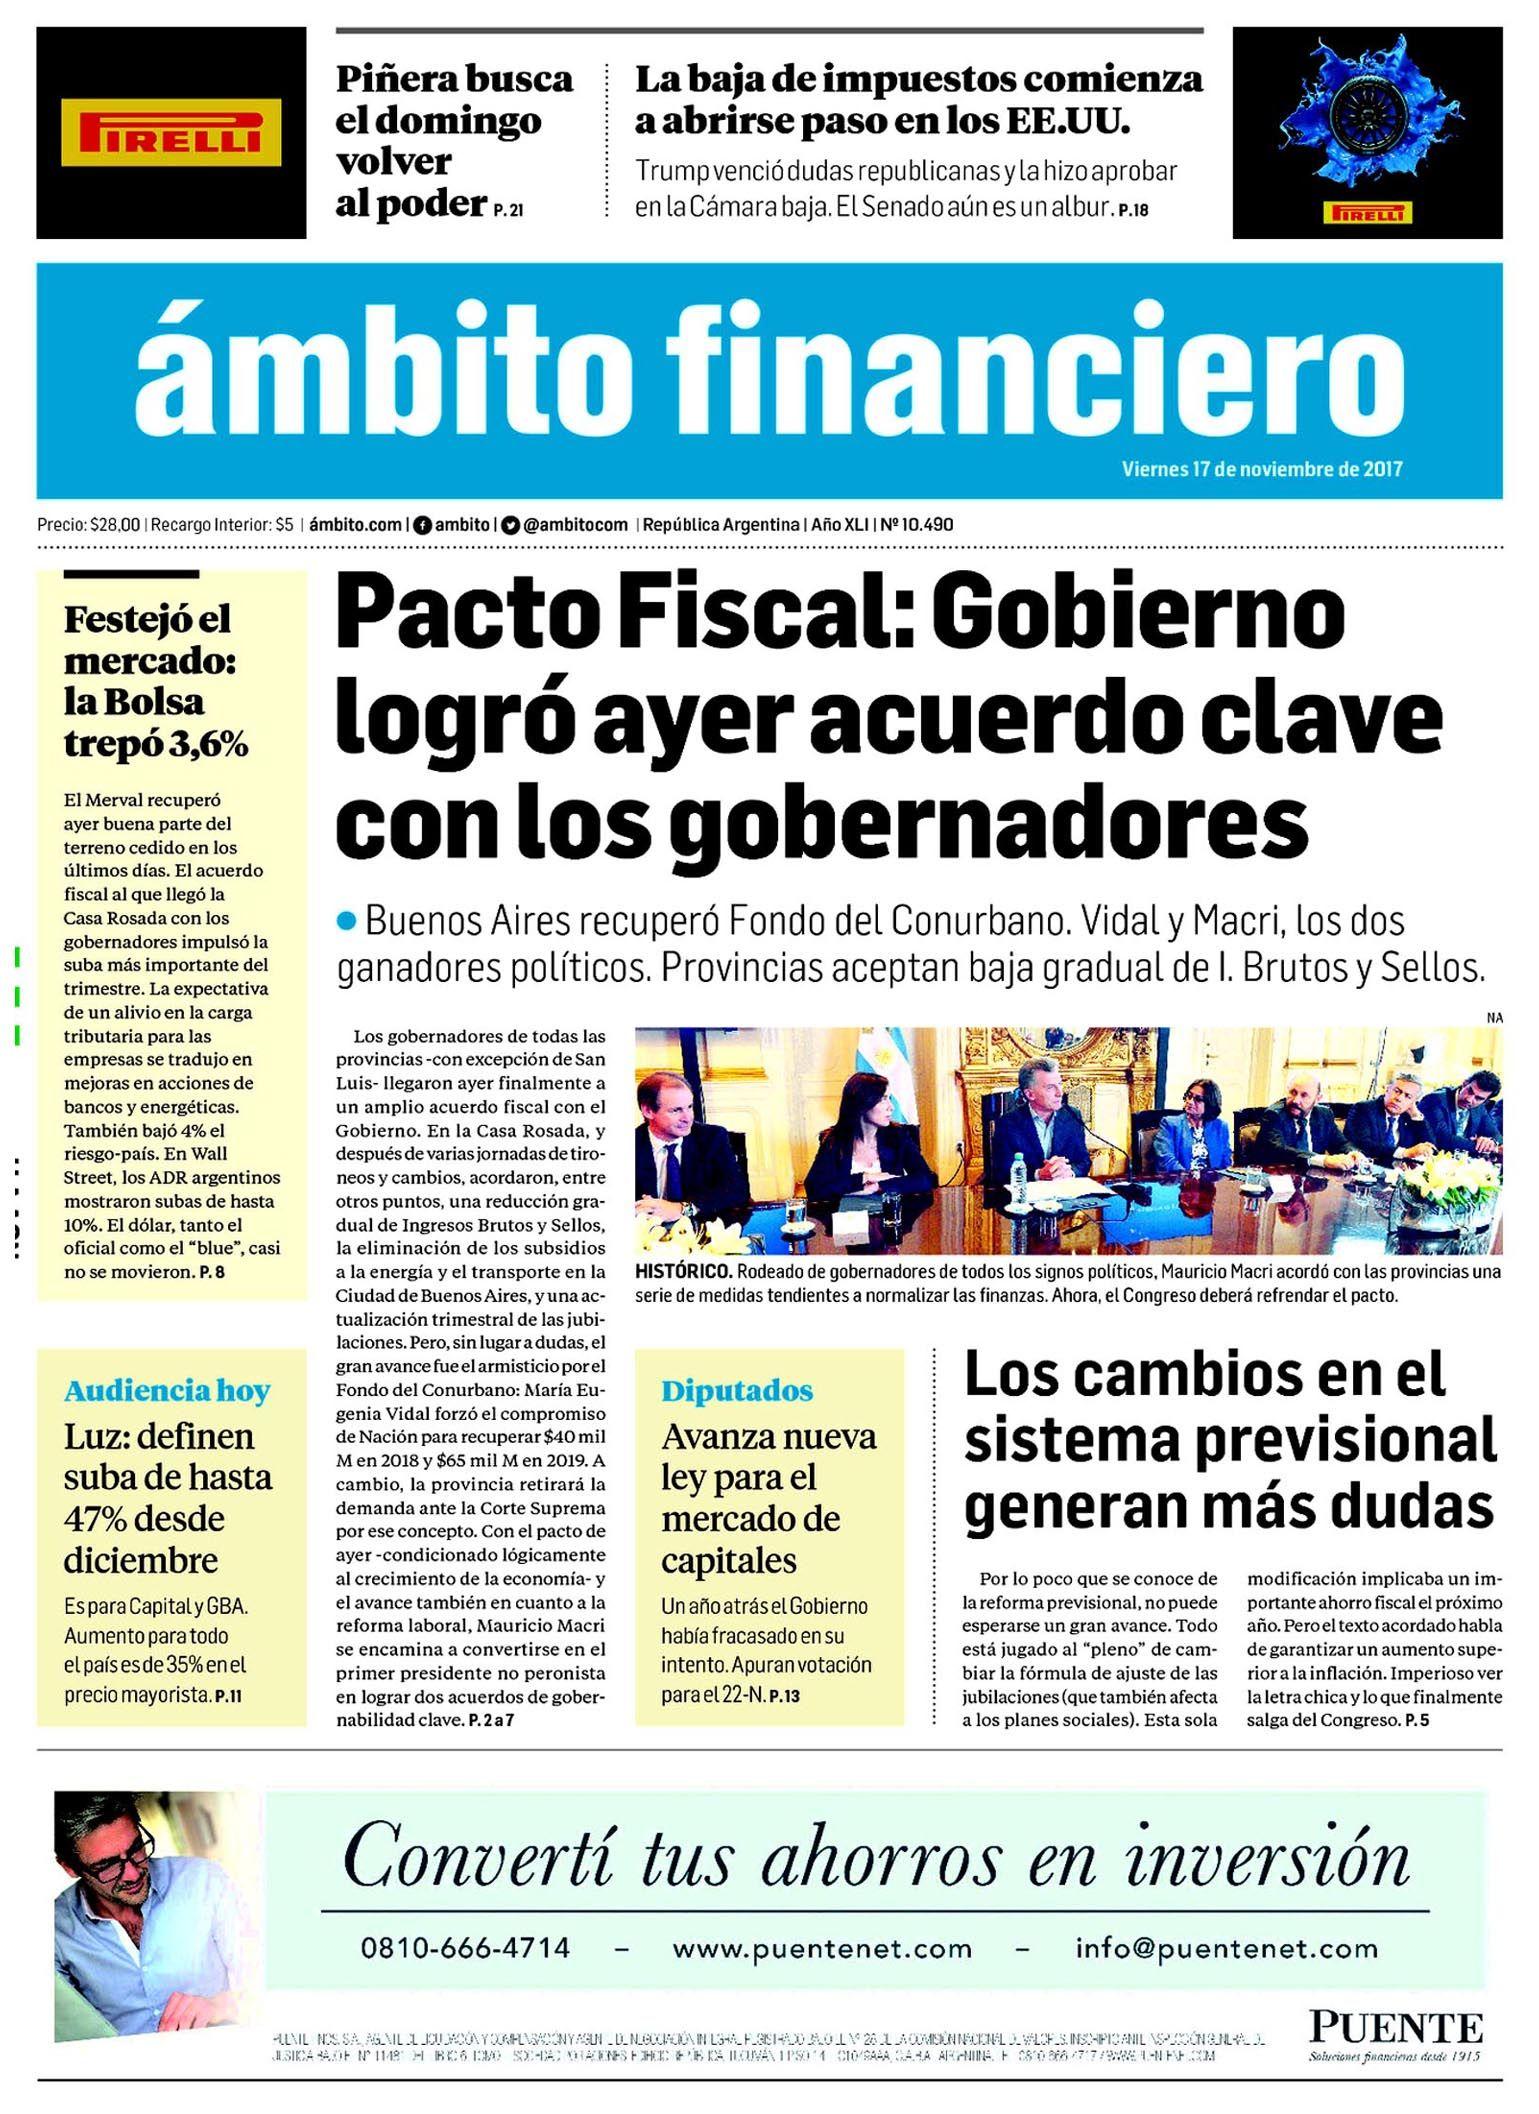 Tapas de diarios del viernes 17 de noviembre de 2017